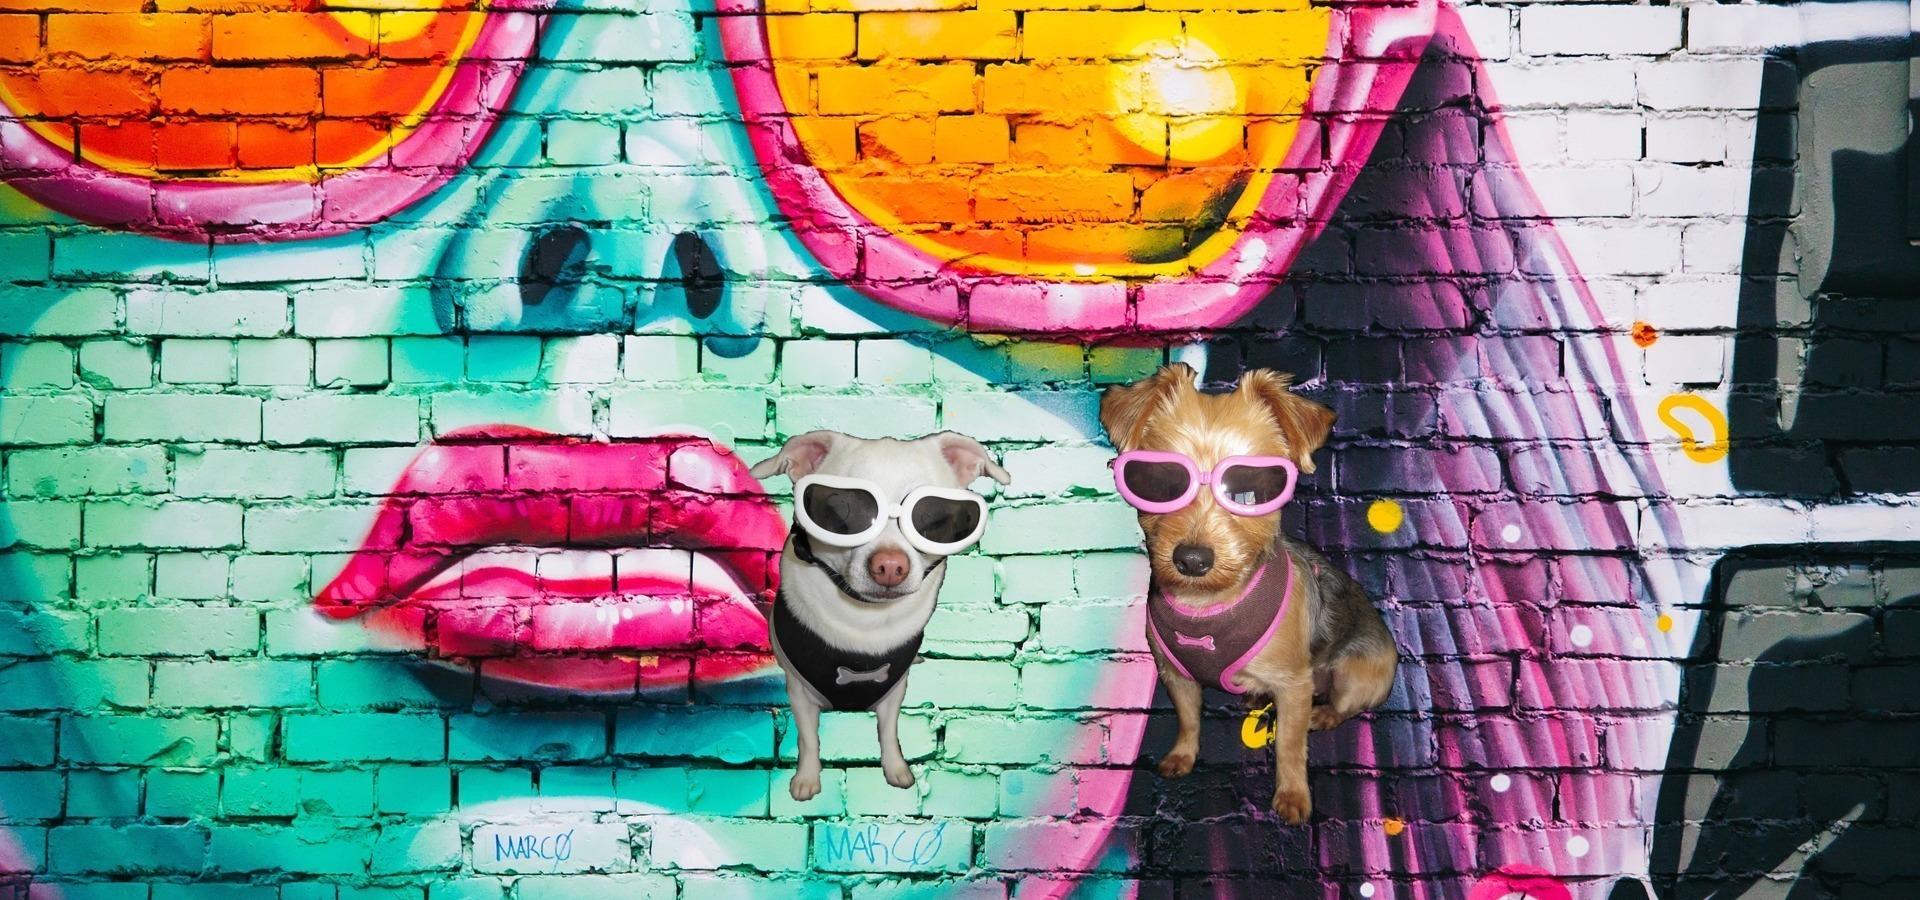 Mascotas Reva, perritos con accesorios sobre un graffiti